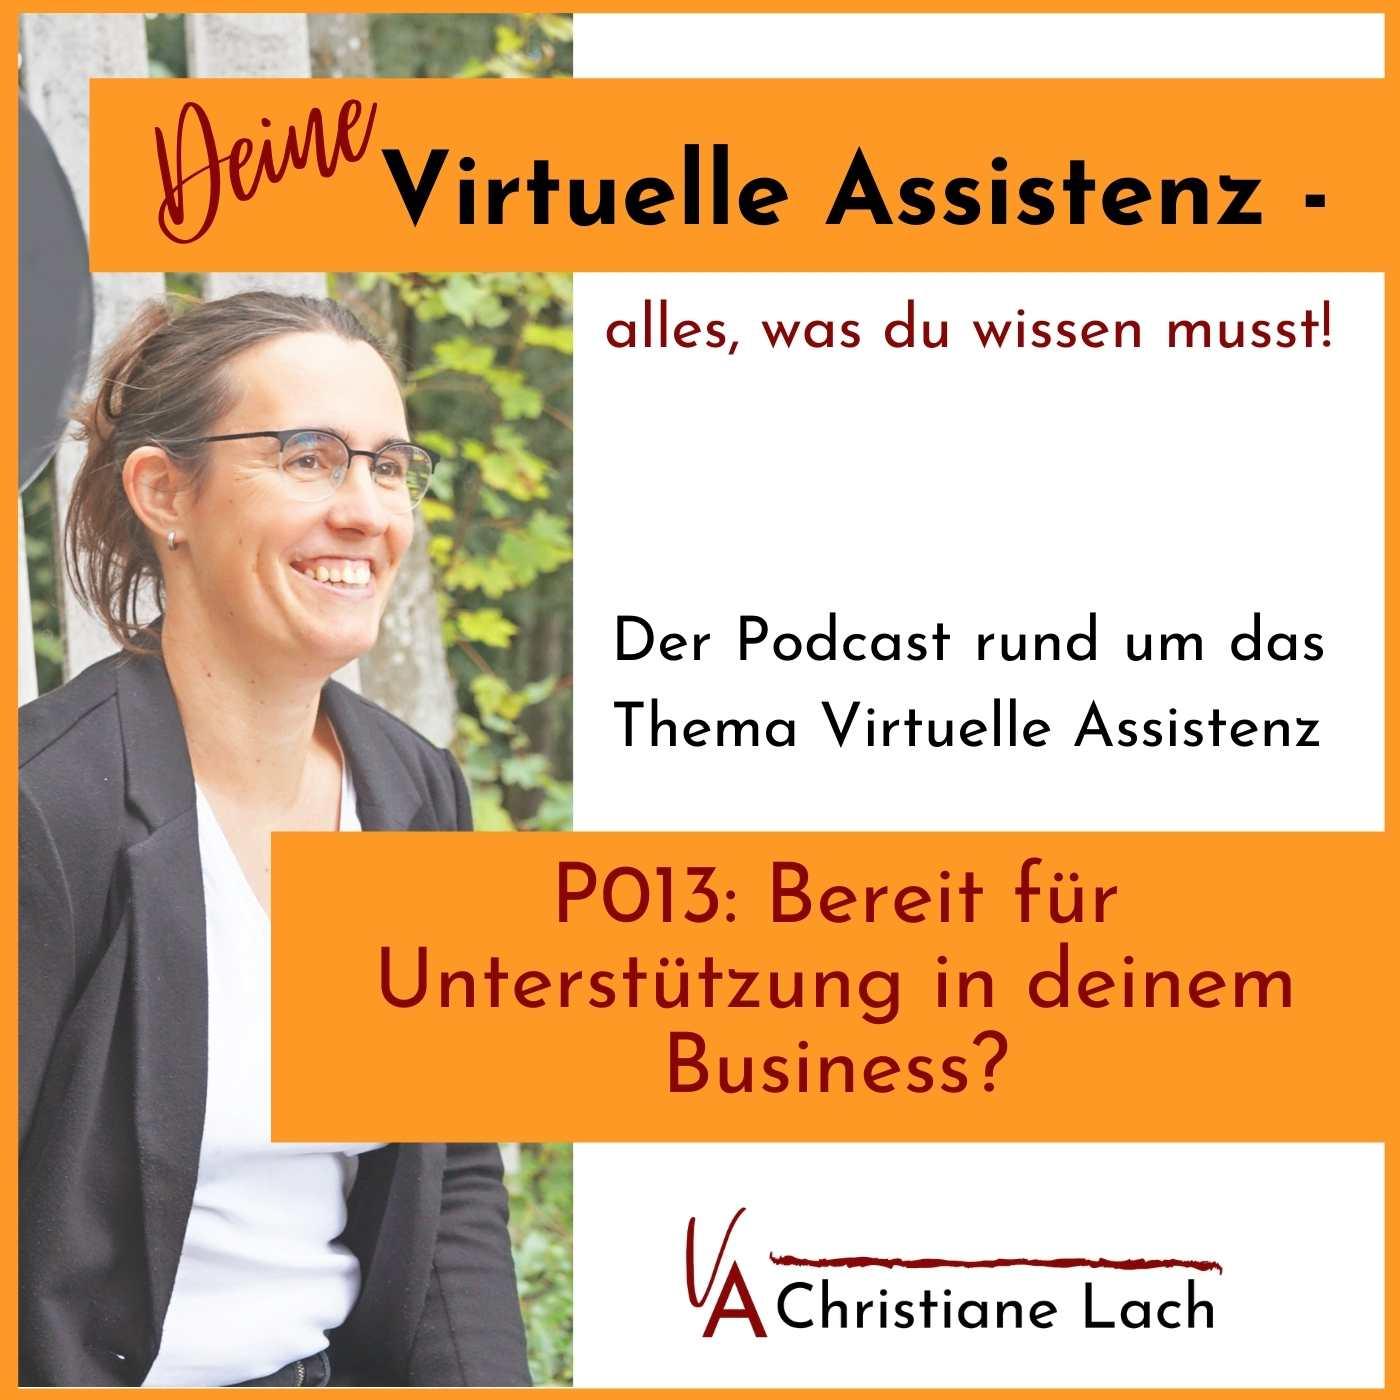 P013: Bereit für Unterstützung in deinem Business?